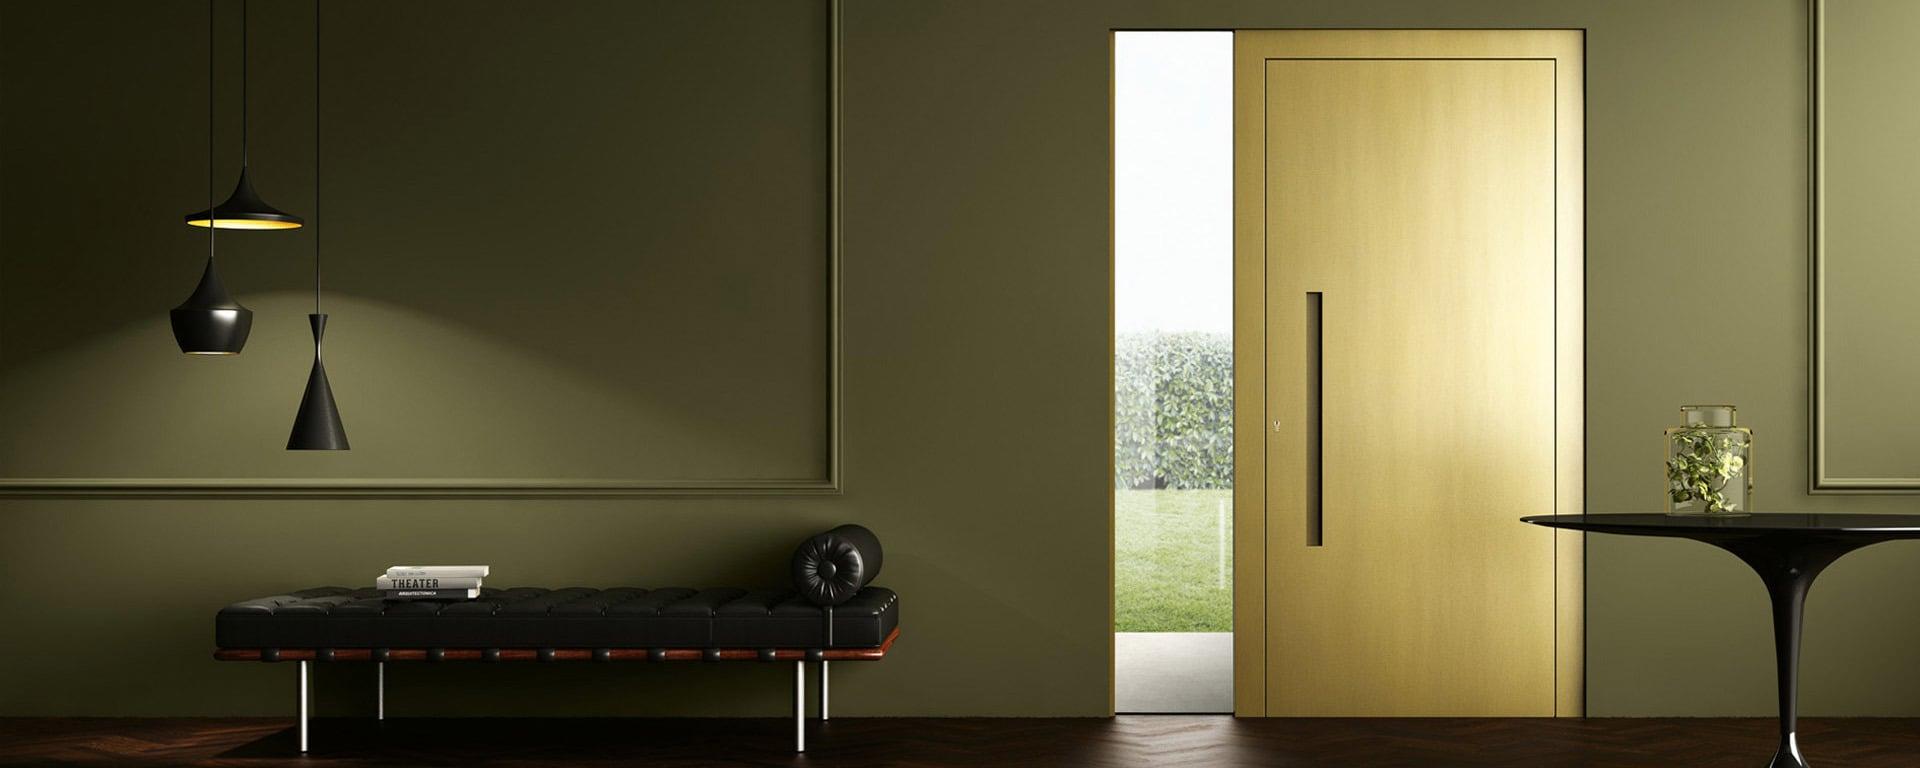 Porte per abitazioni per interni ed esterni auroport - Porte per ingresso casa ...